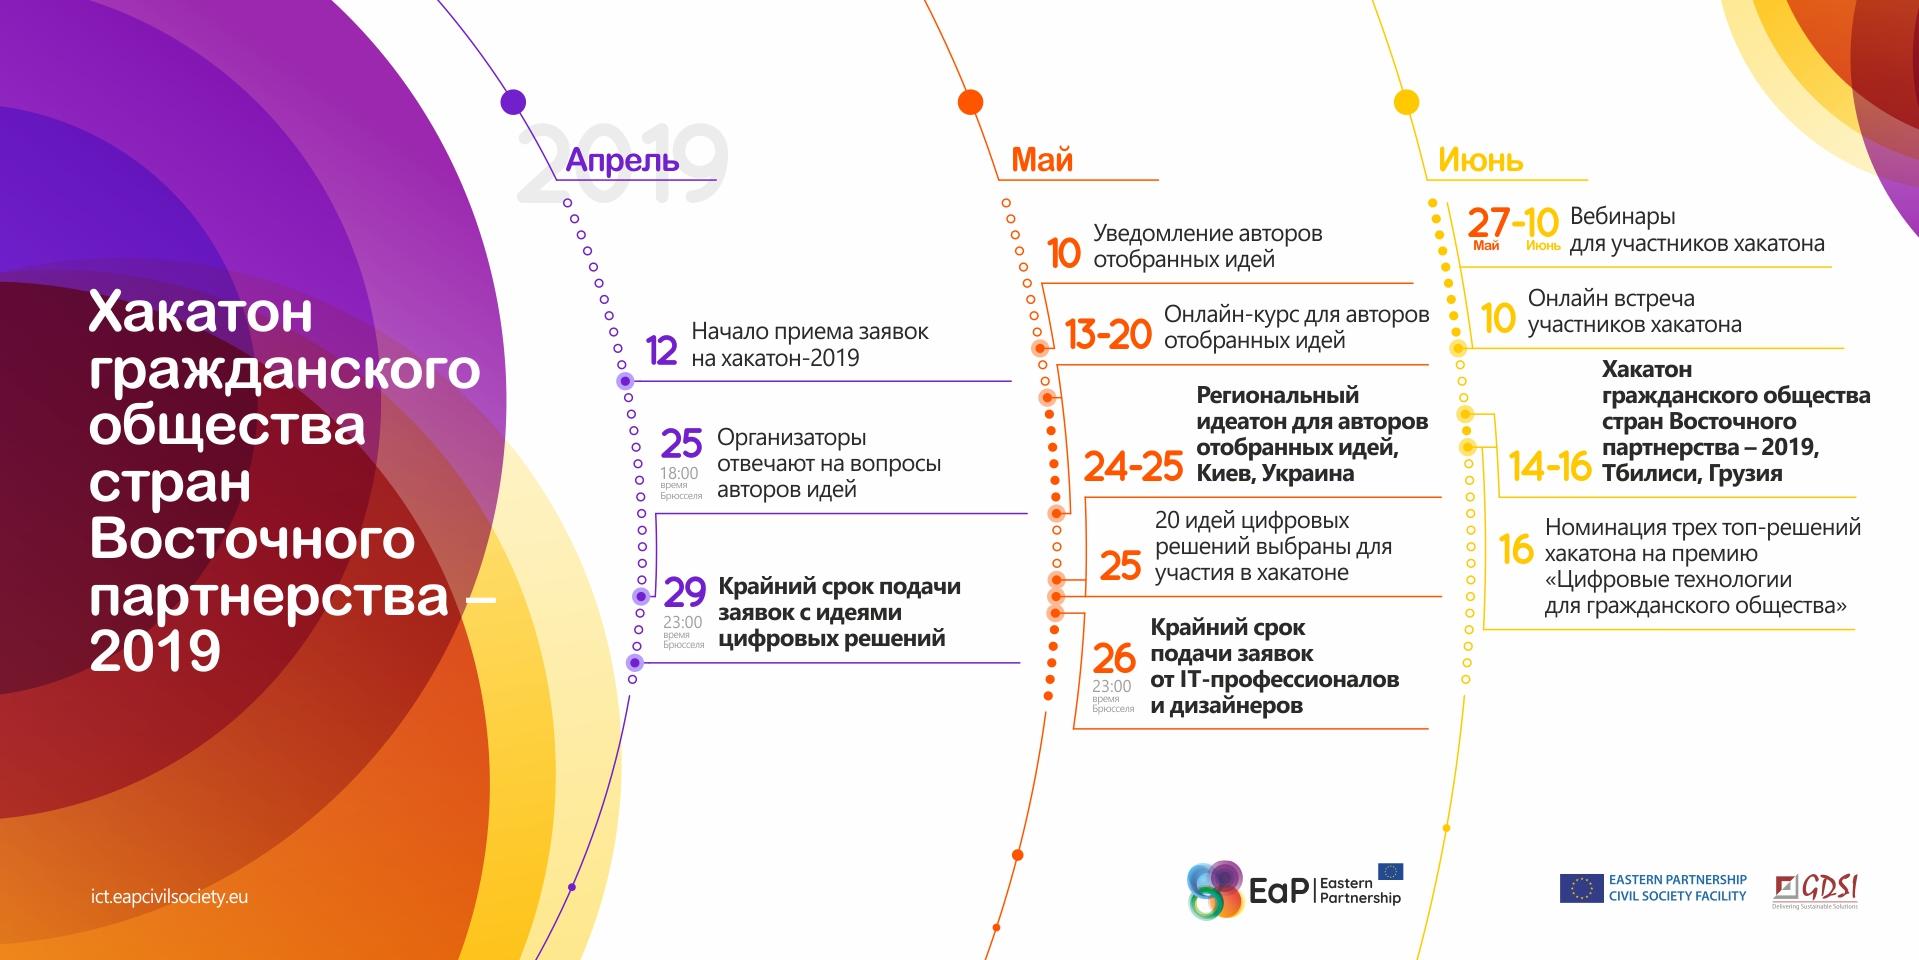 2019 Hackahon_timeline_RUS